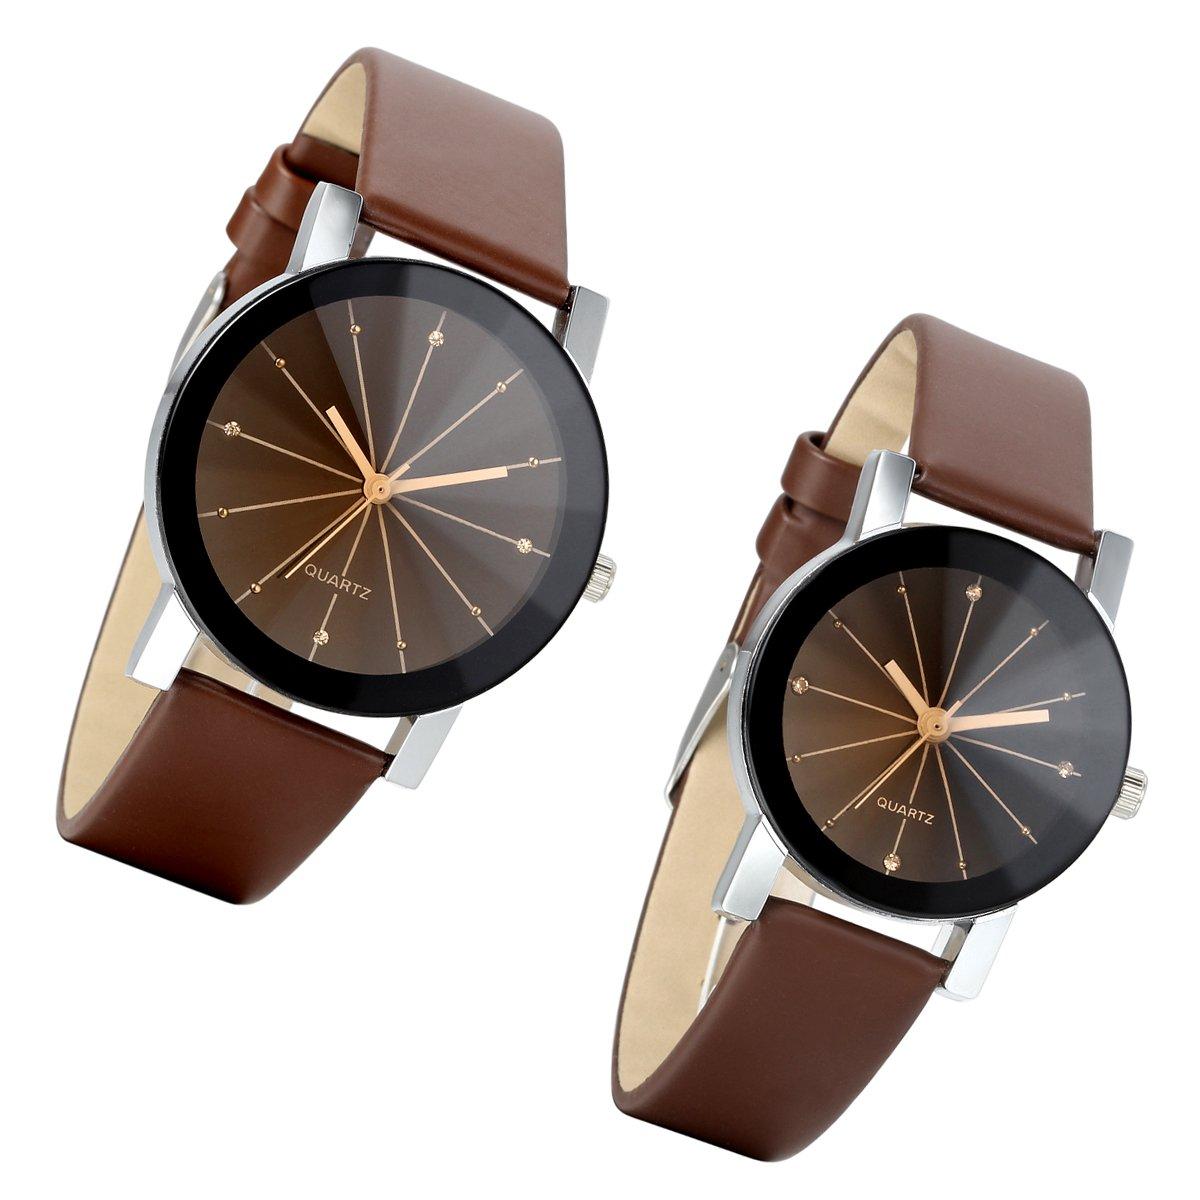 lancardo Reloj de pulsera para pareja Lovers con correa de piel artificial reloj para pareja esfera de cristal Business Casual, marrón (1par)